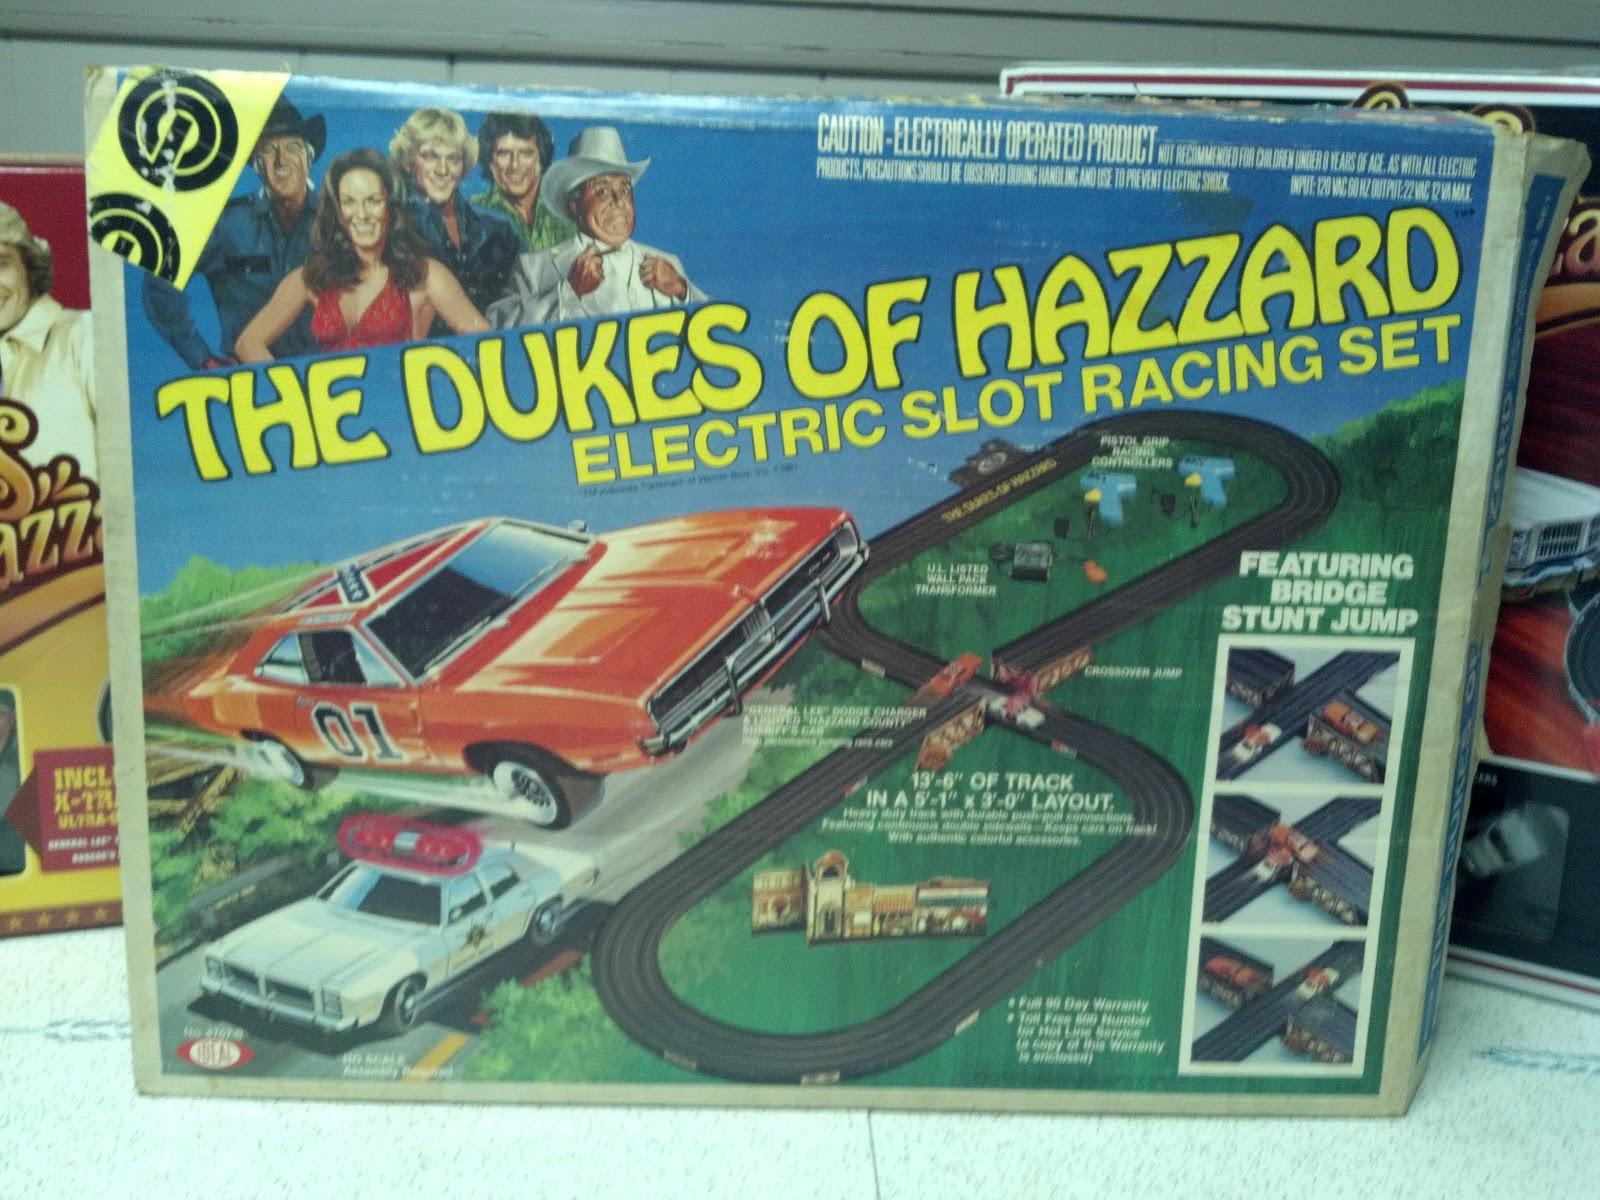 Dukes of Hazzard Collector: Dukes of Hazzard Slot Car Tracks